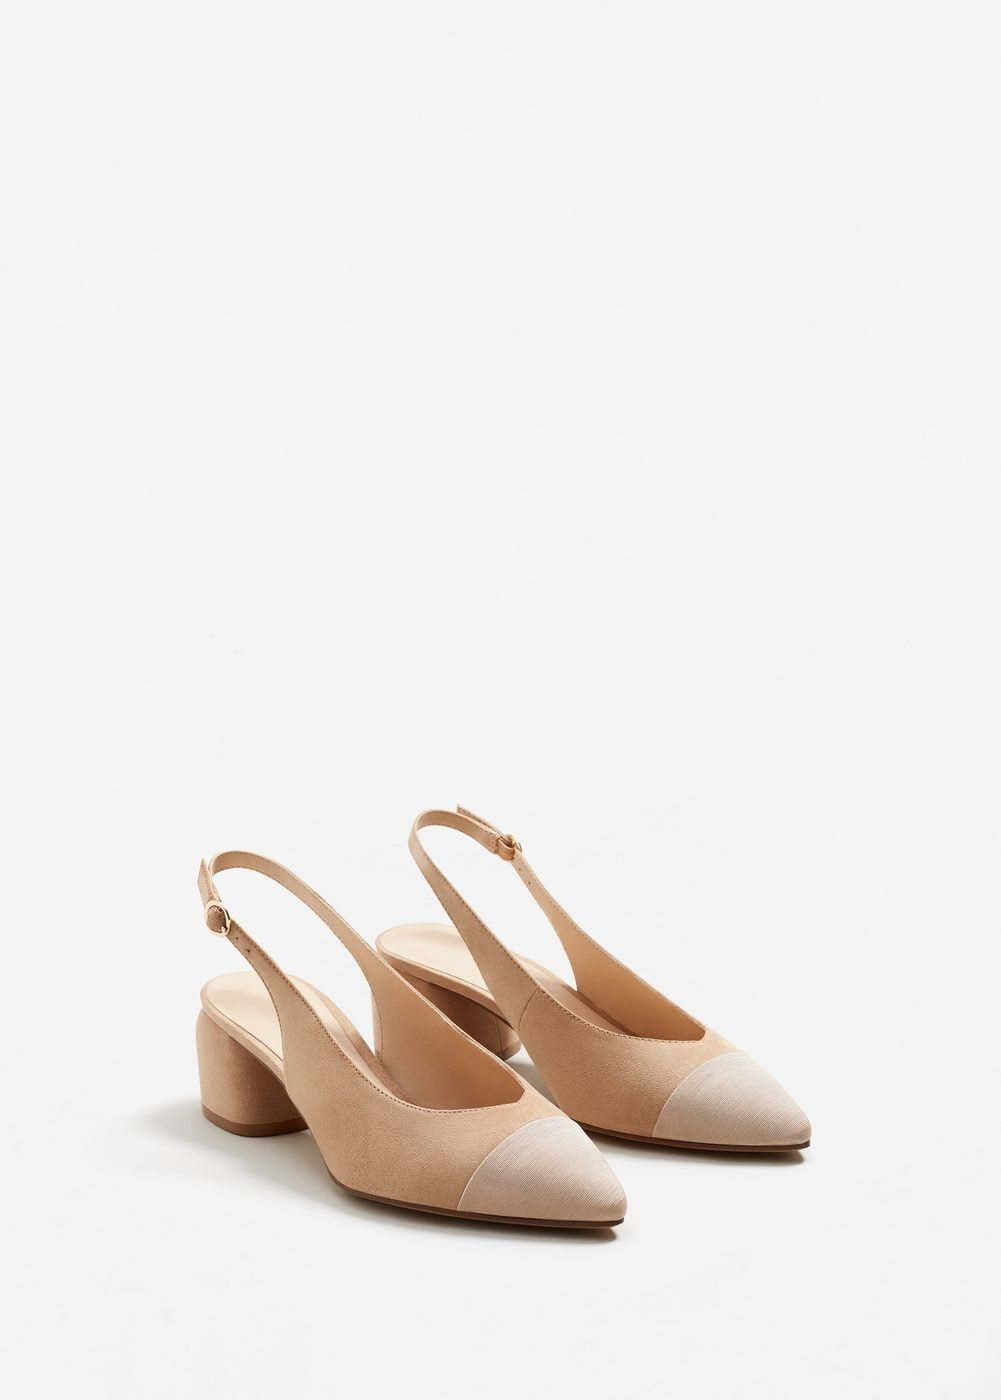 45f0194e08465 Zapato destalonado punta textura - Mujer